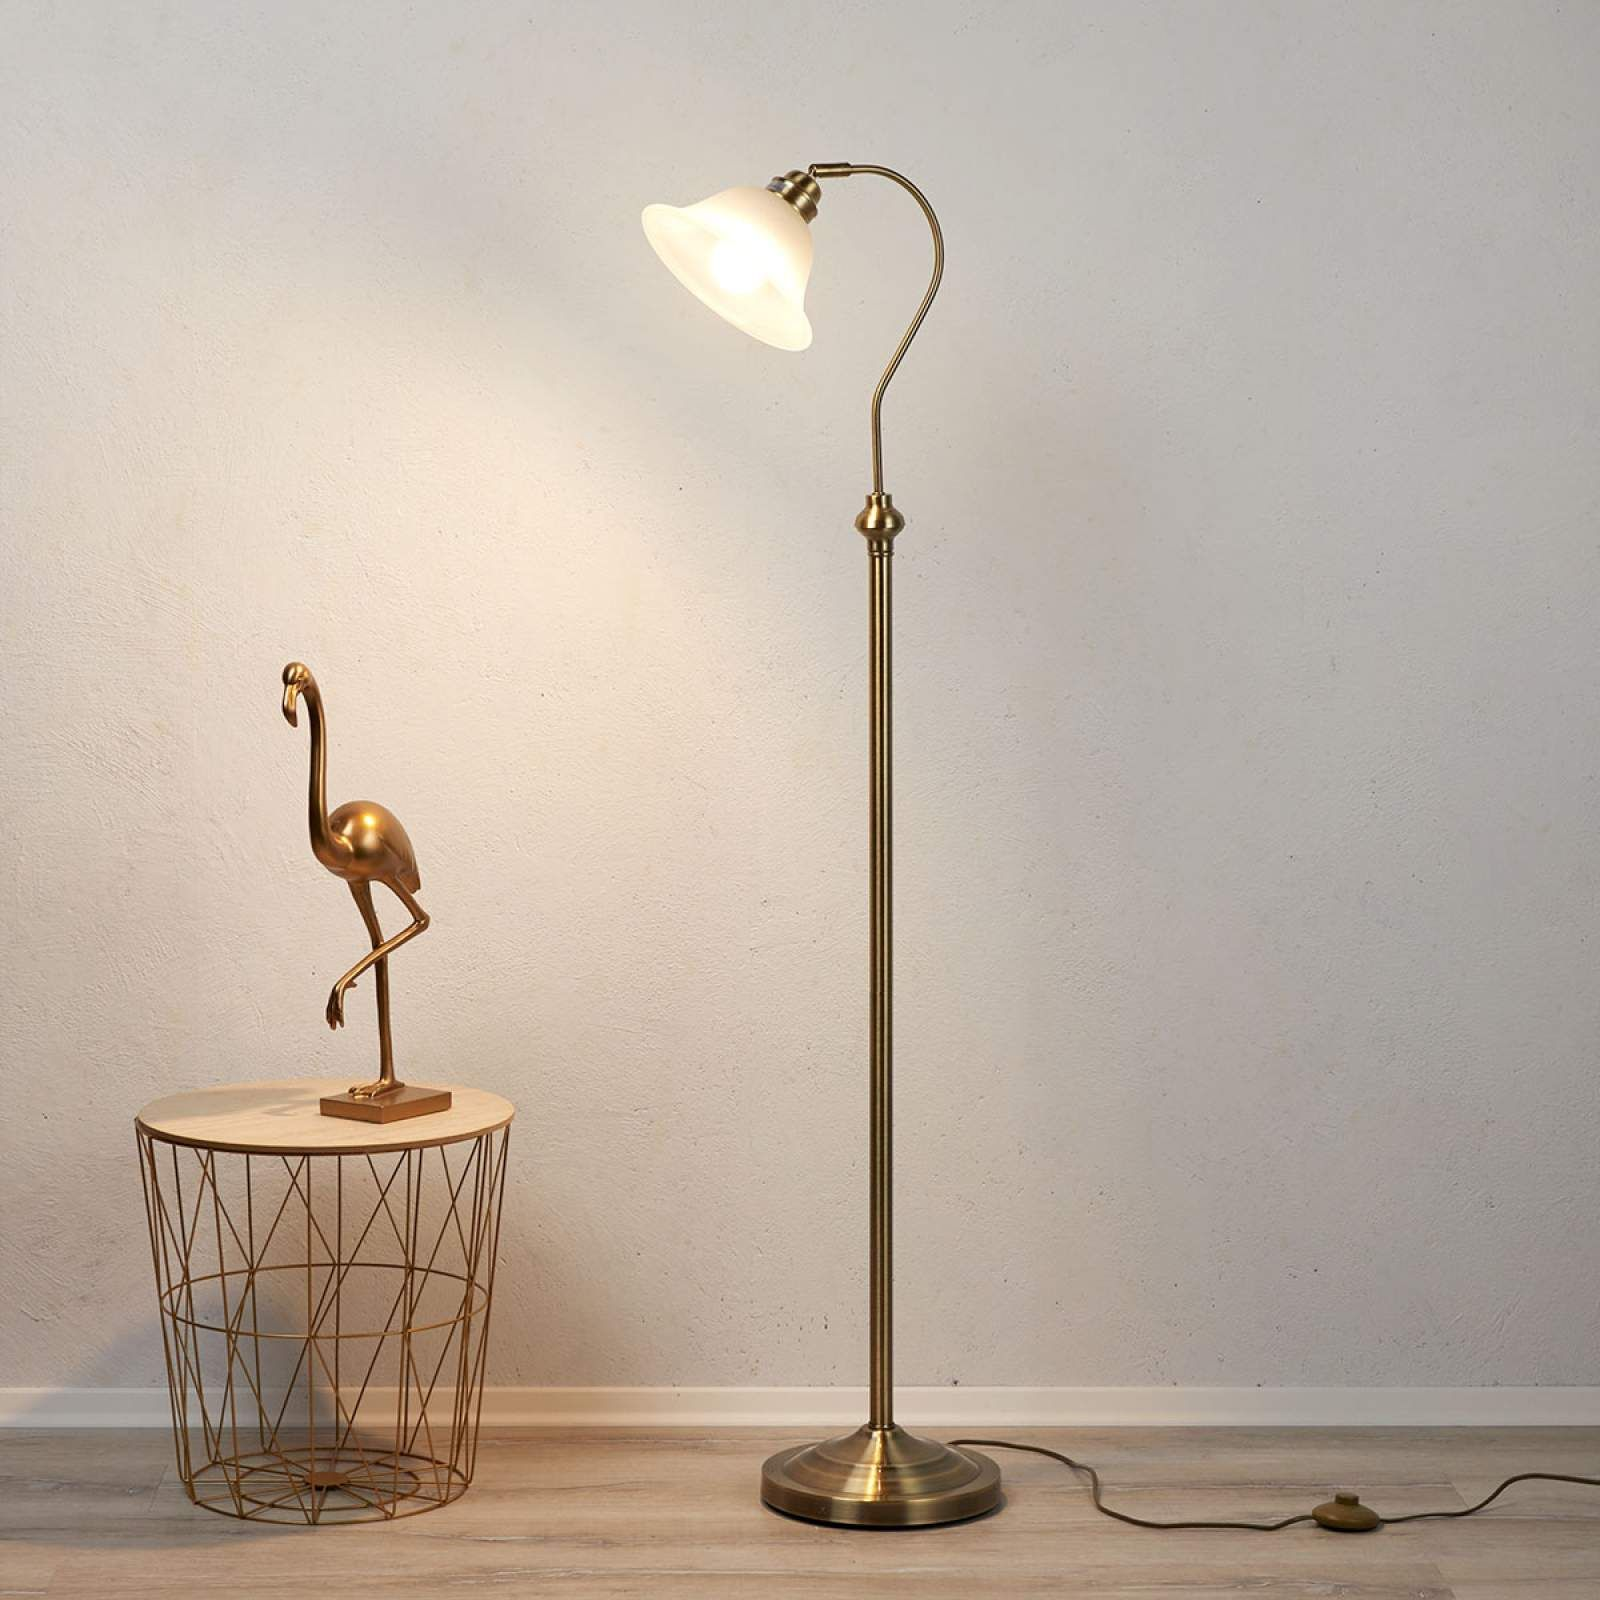 Moderne Stehlampe Bjane Von Searchlight Weiss Lampen Stehlampe